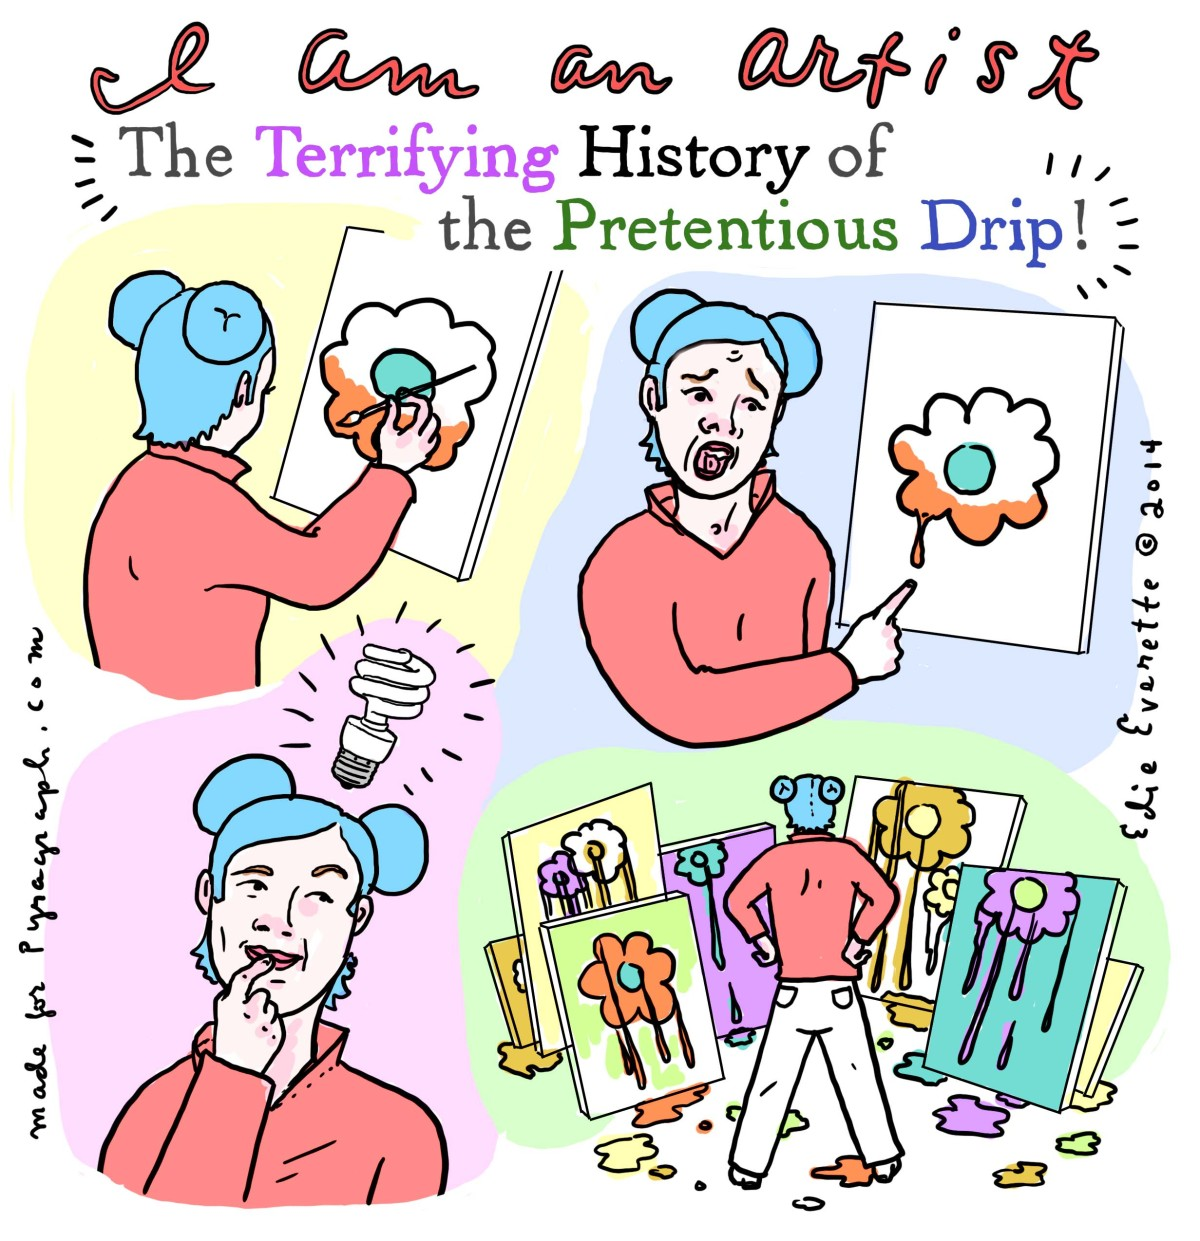 The pretentious drip - Pyragraph